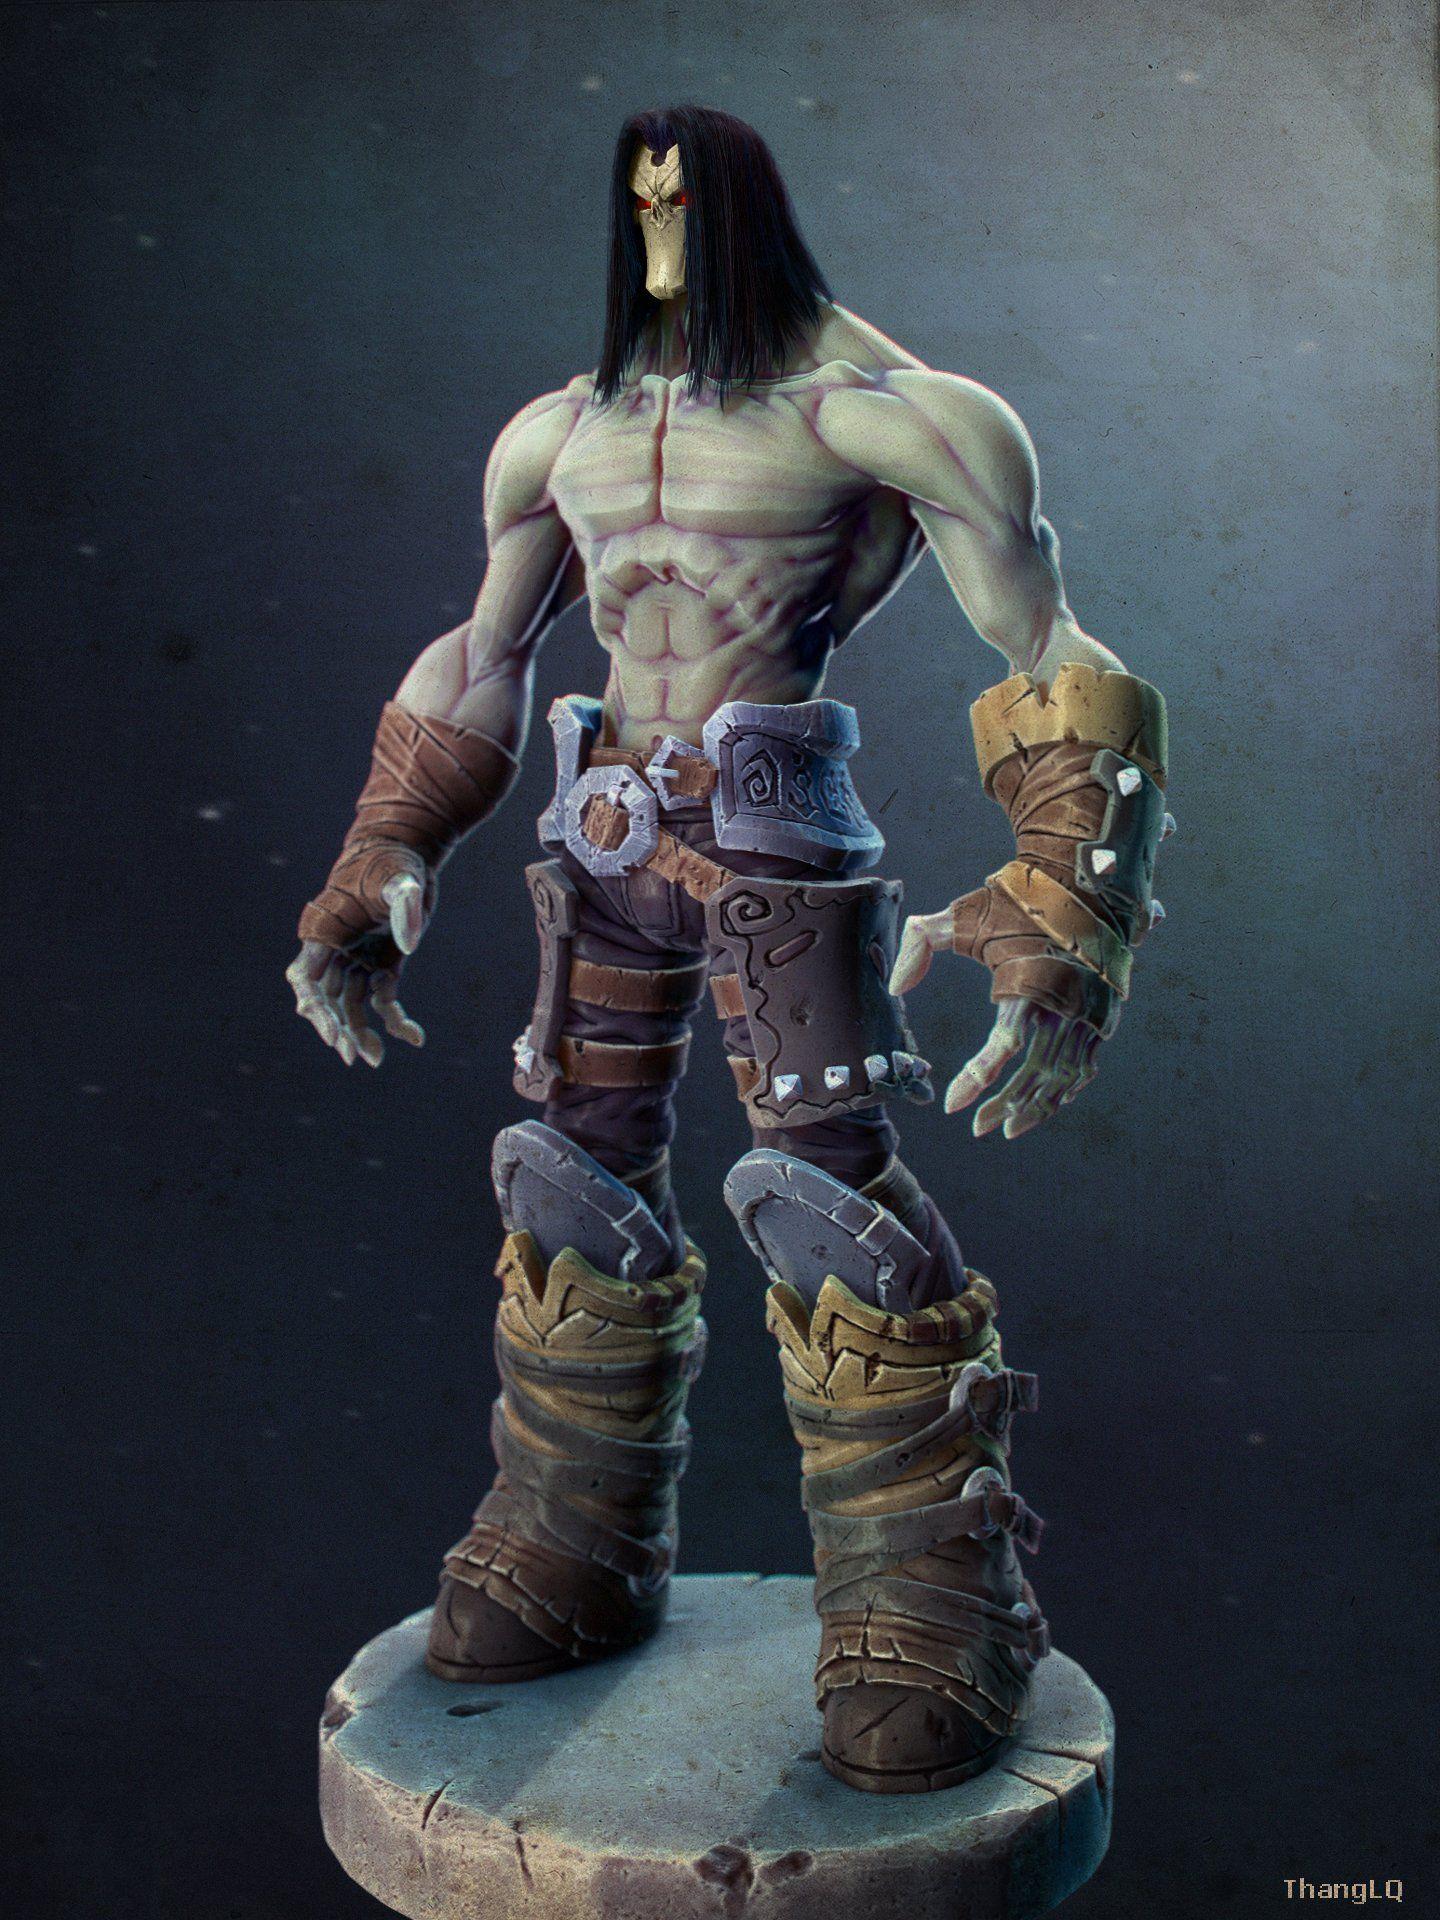 Death Darksiders 2 3d Model Monster Max C4d Obj 3ds